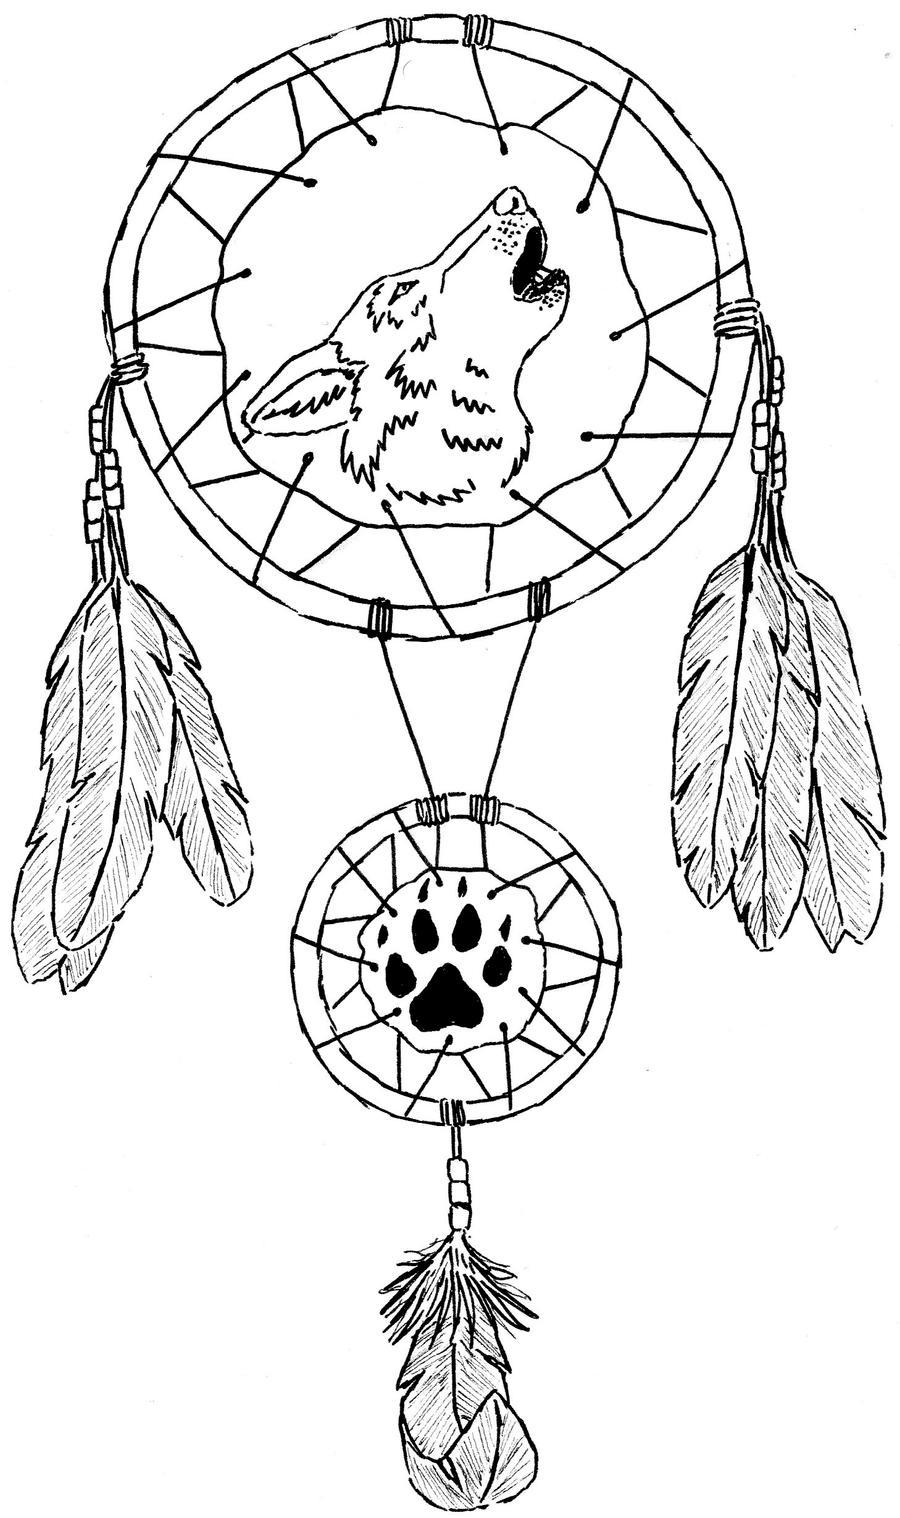 Dreamcatcher Wolf Tattoo by MiasaurusRex90 on DeviantArt